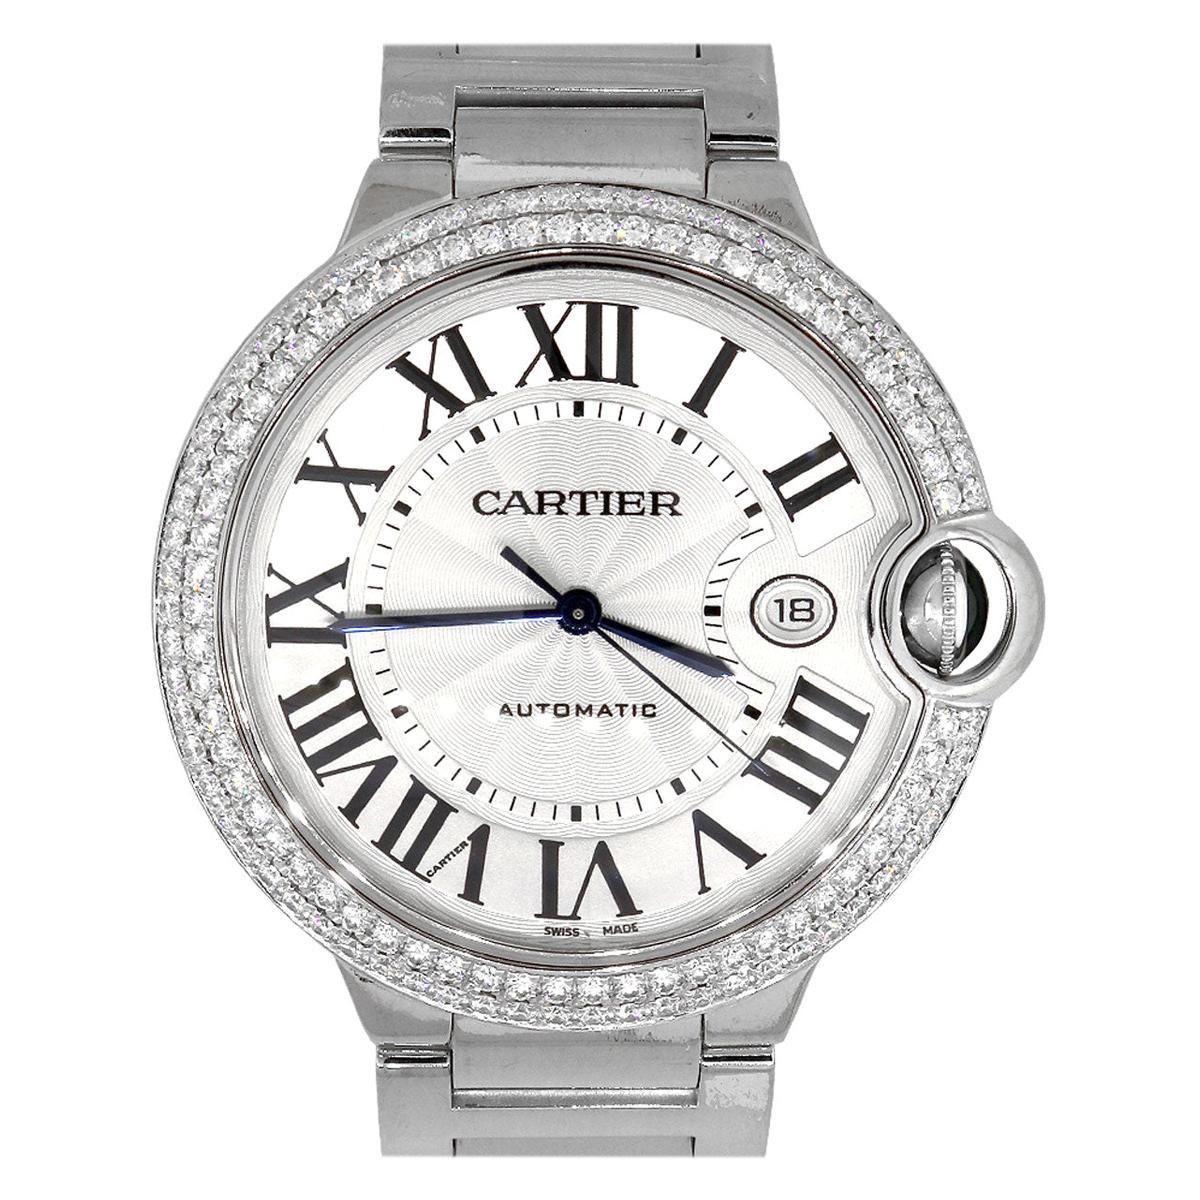 Cartier Ballon Bleu Silver Dial Watch